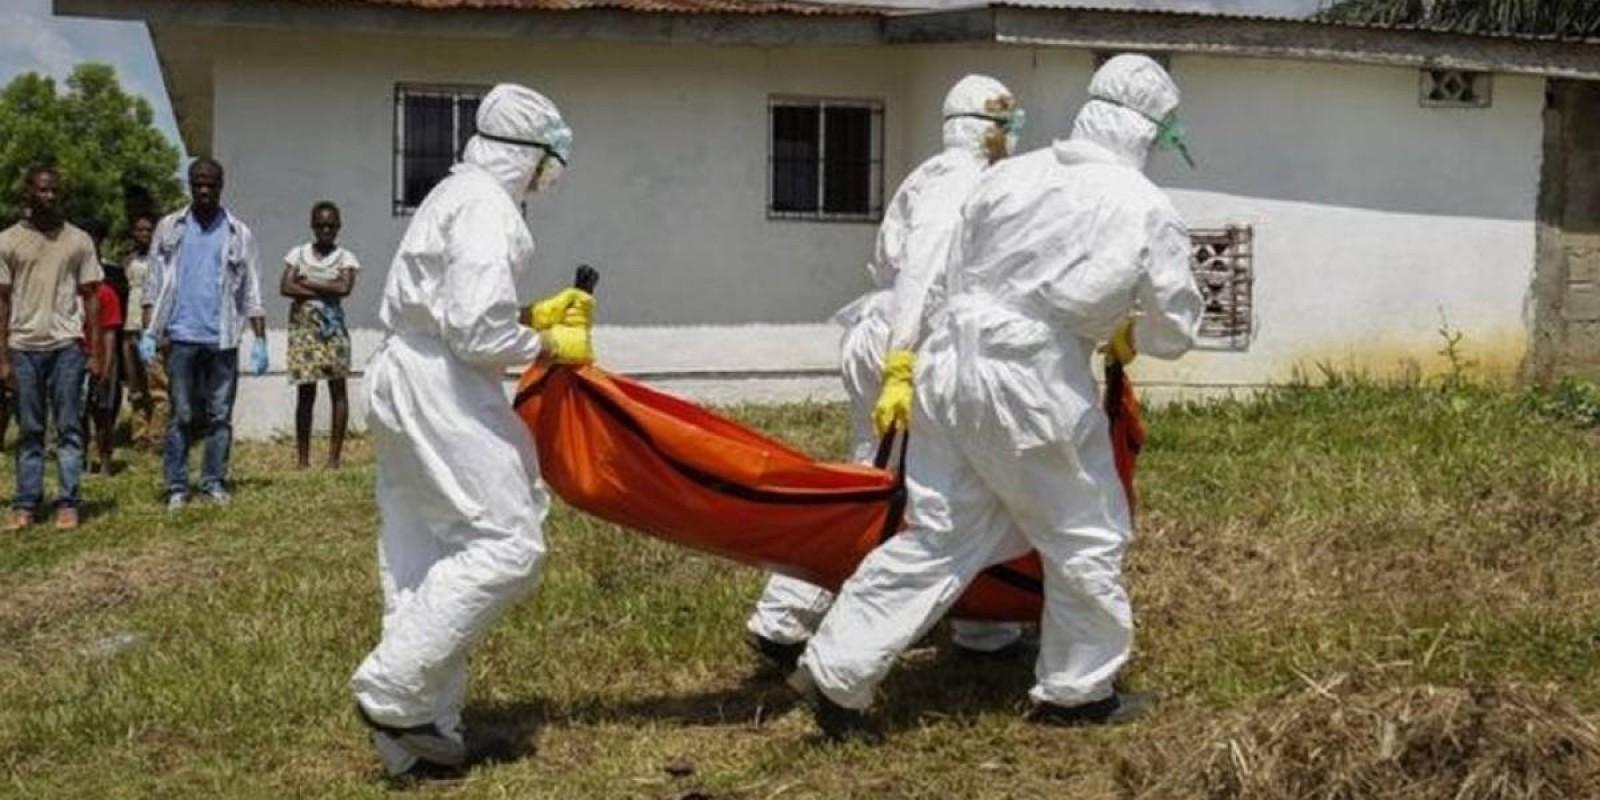 Mundo: Congo declara novo surto de ebola